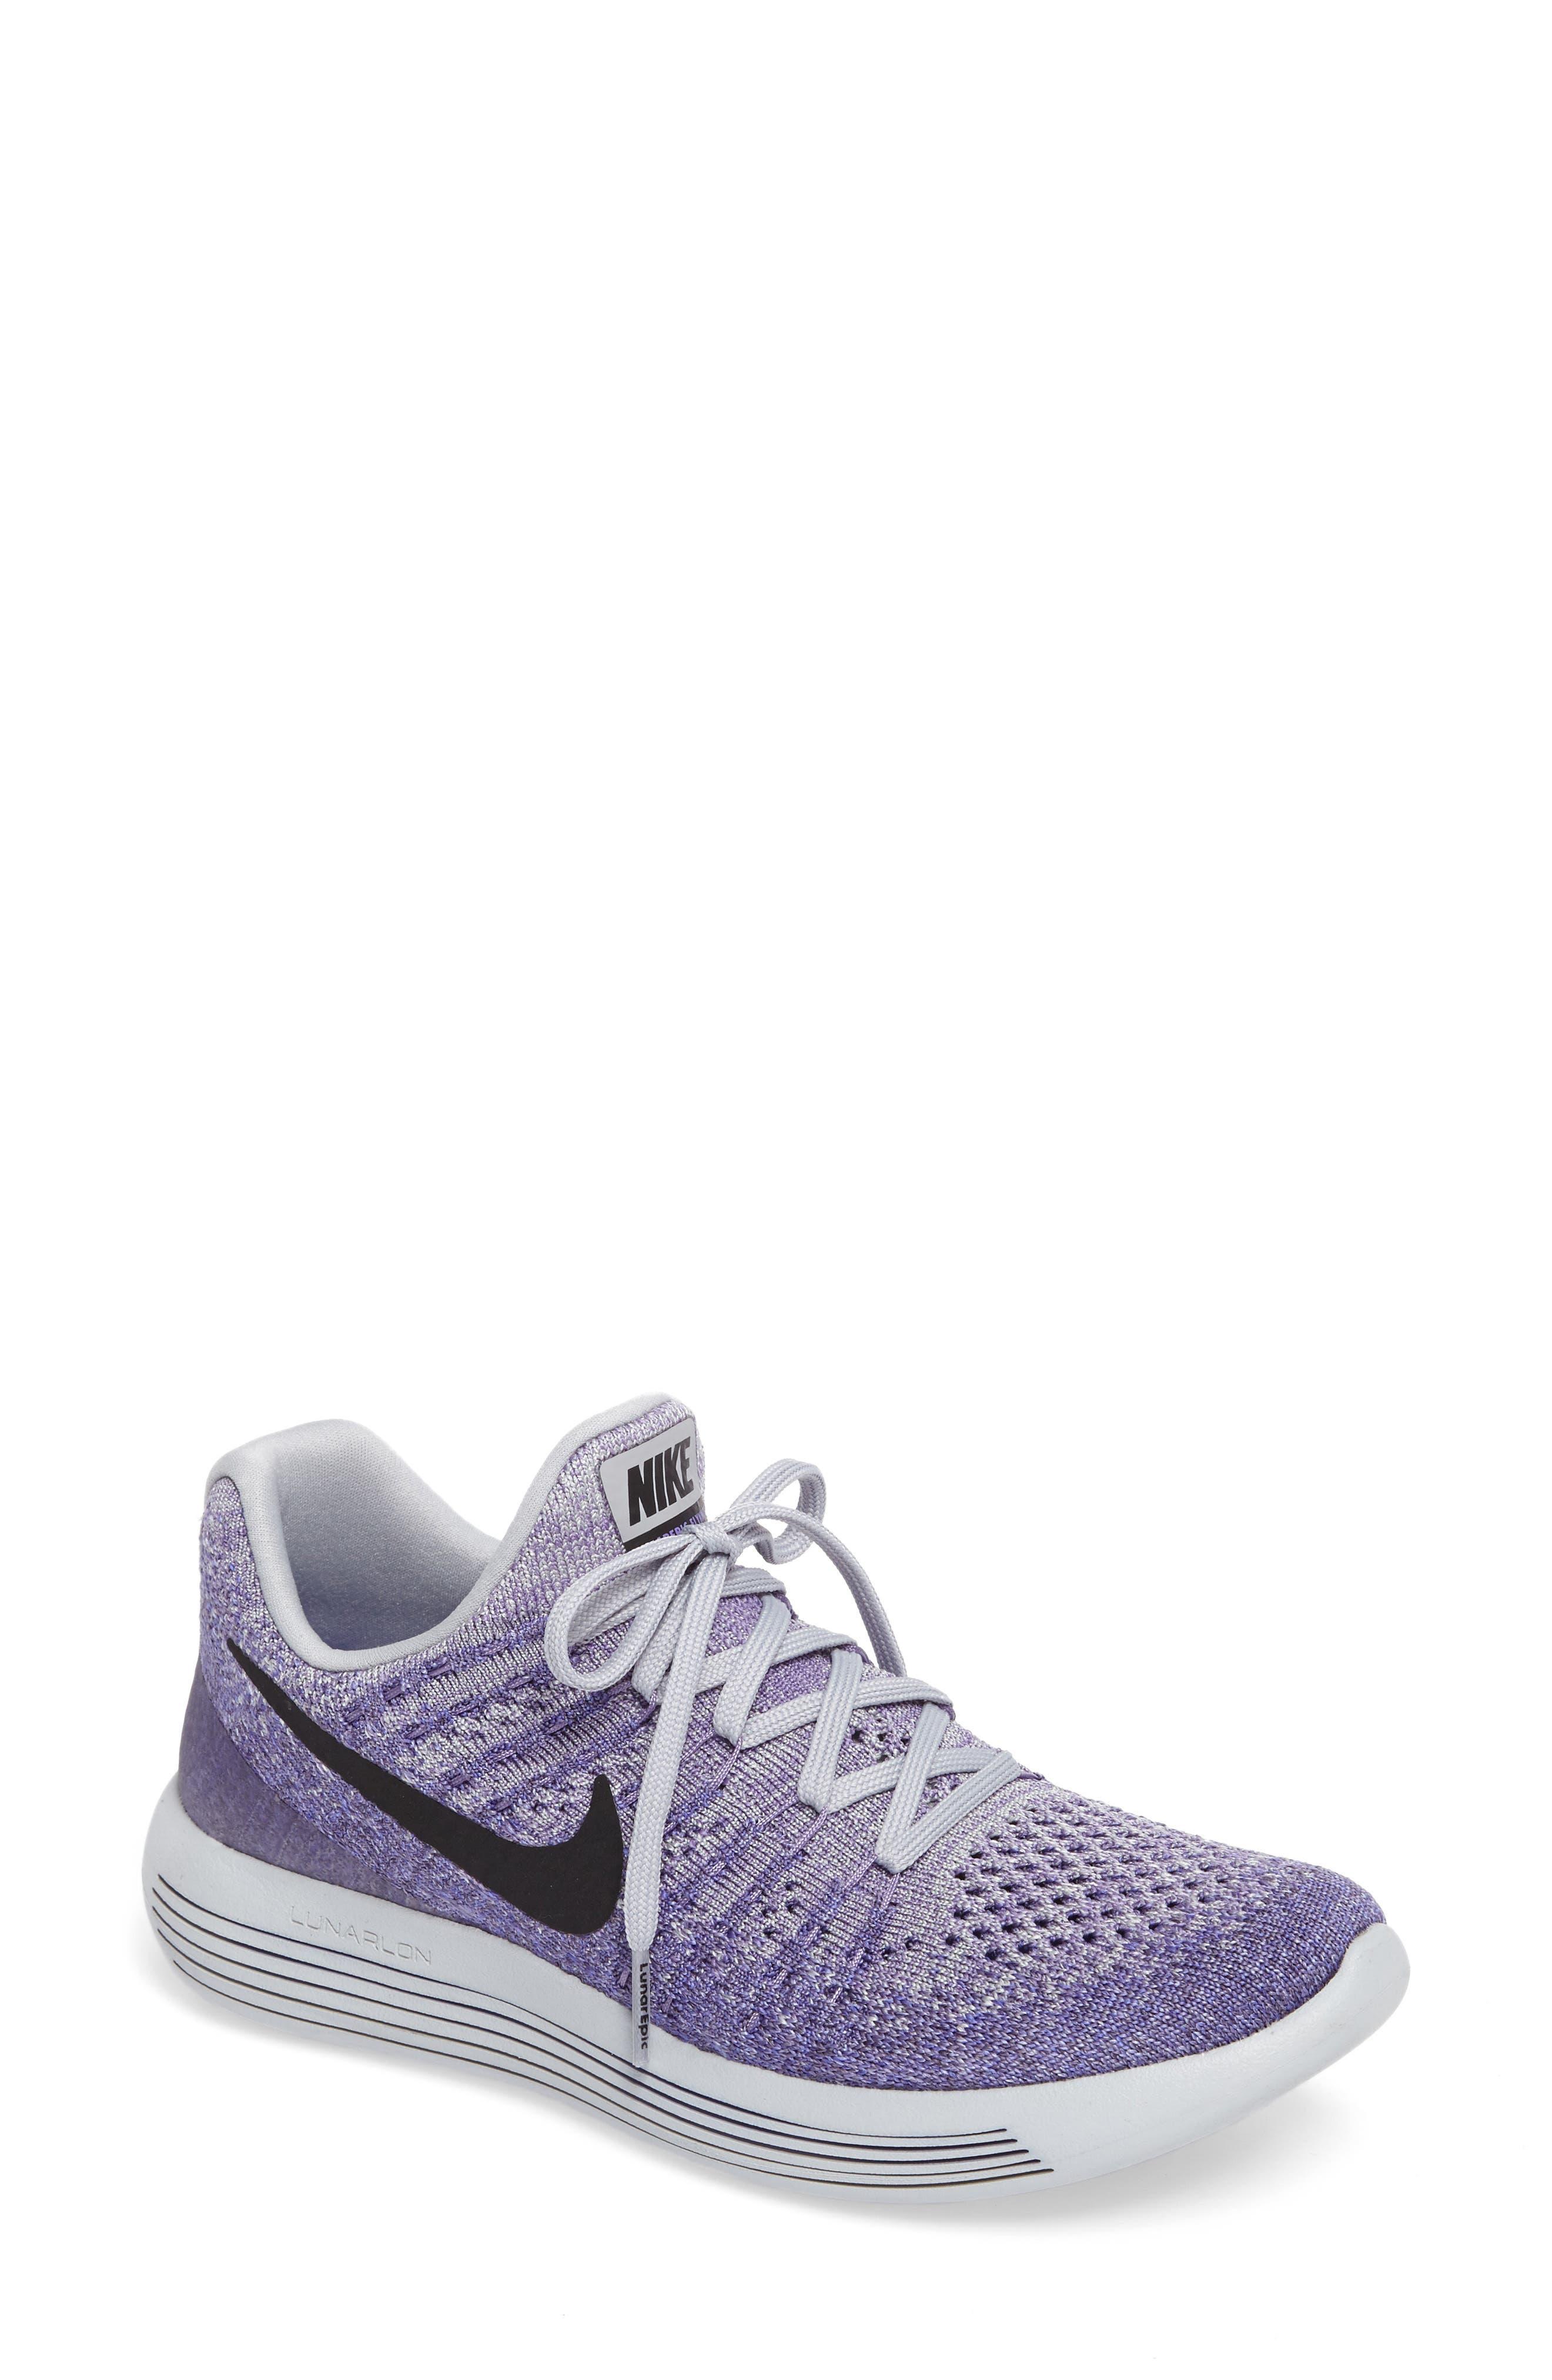 Sale alerts for  LunarEpic Low Flyknit 2 Running Shoe (Women) - Covvet